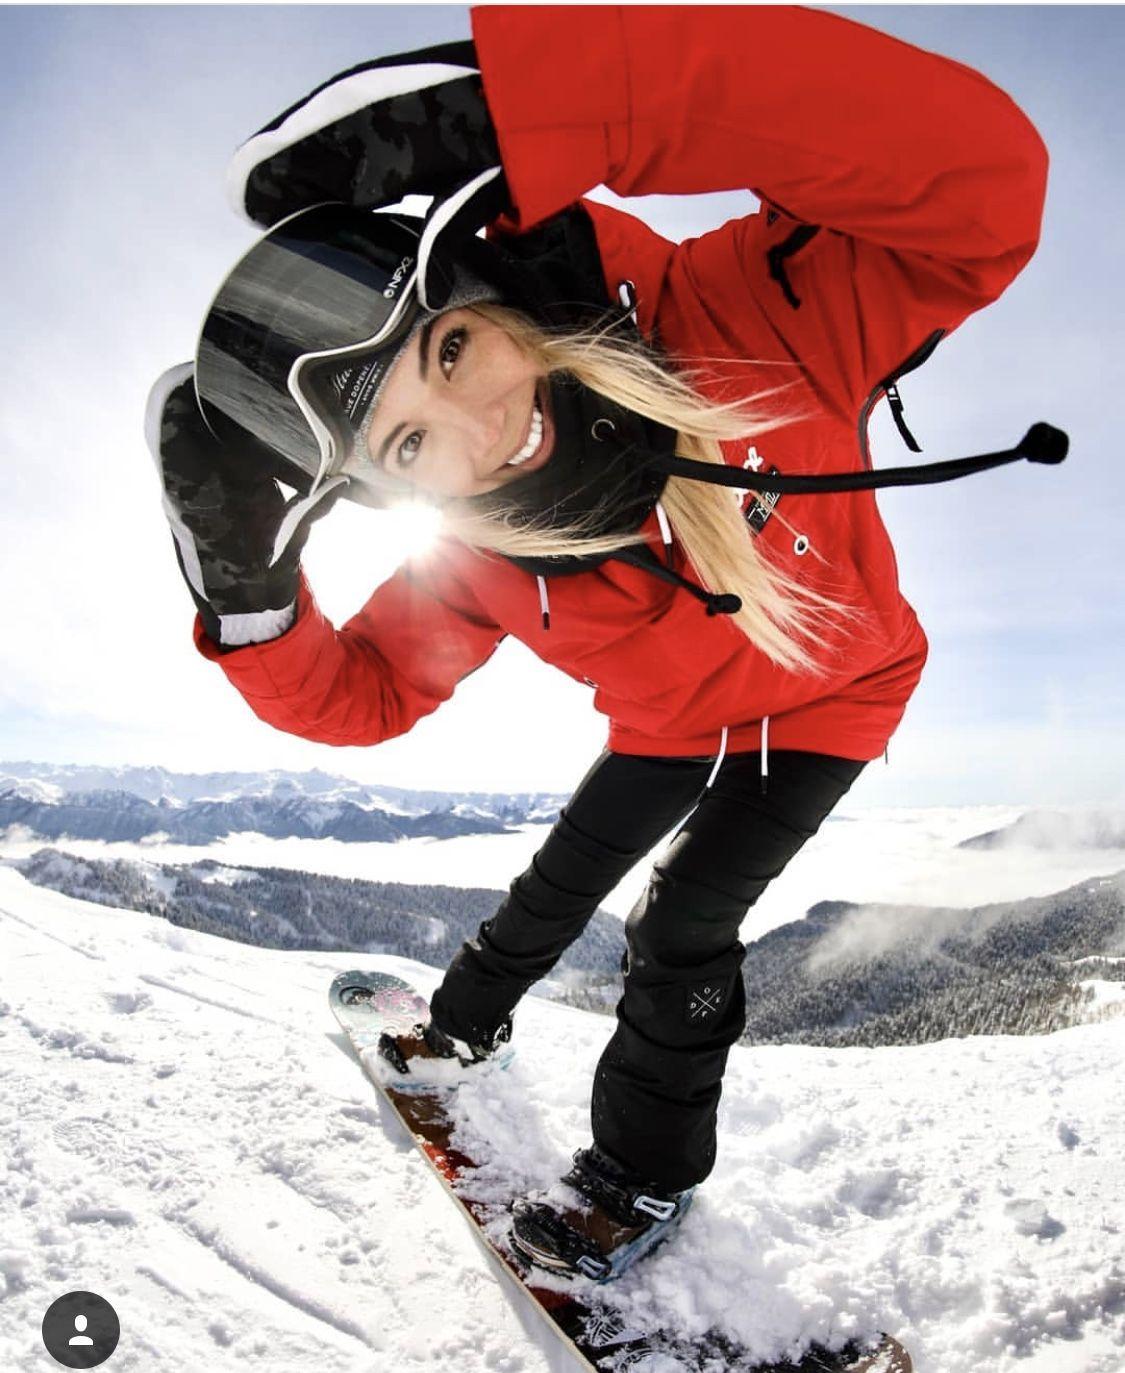 этом как фотографировать горы зимой рака голосовых складок